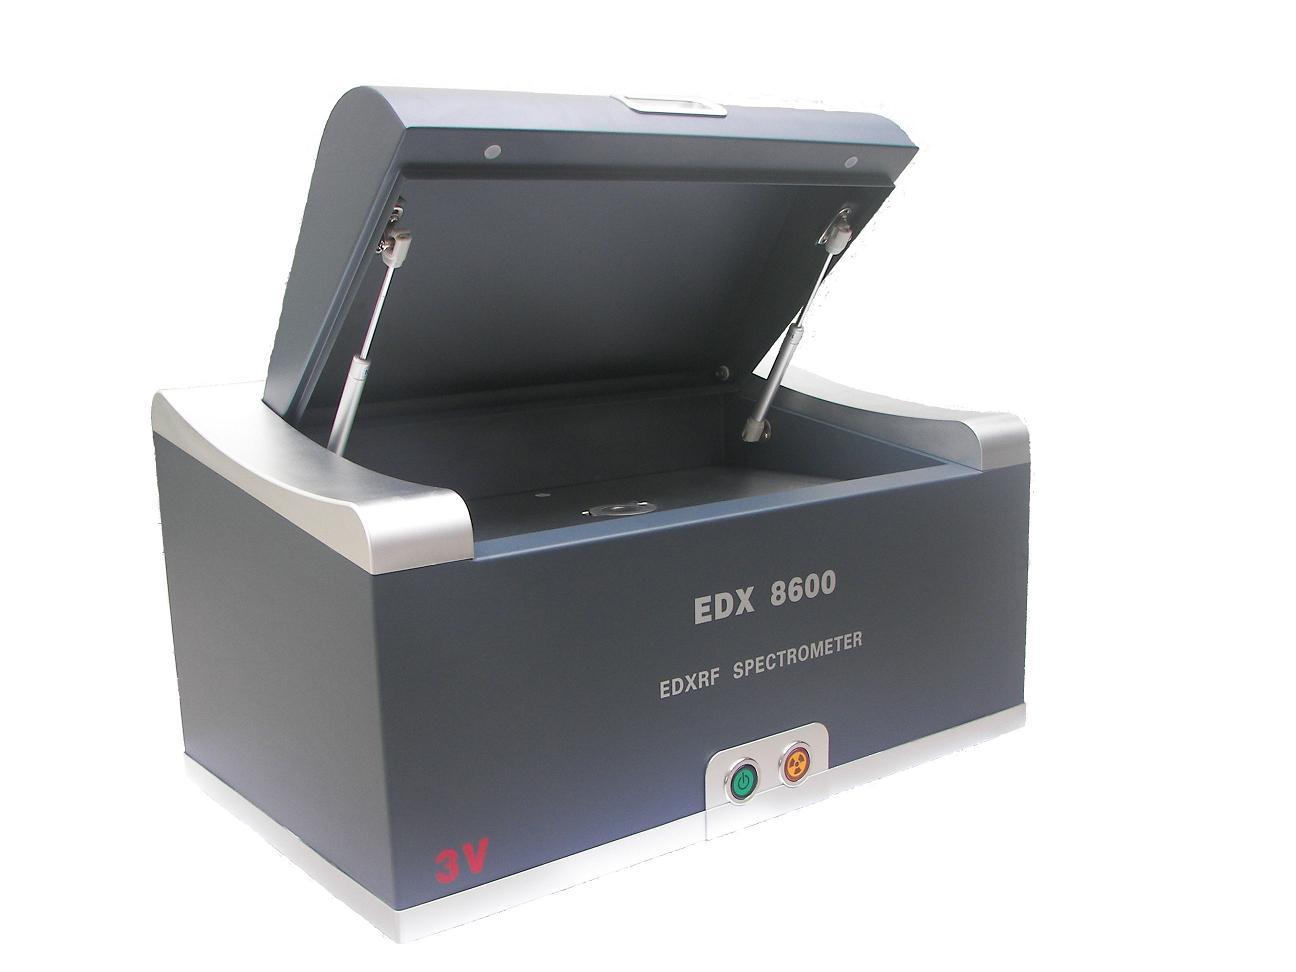 光谱仪图片 光谱仪样板图 能量色散X光谱仪 苏州三值精密...